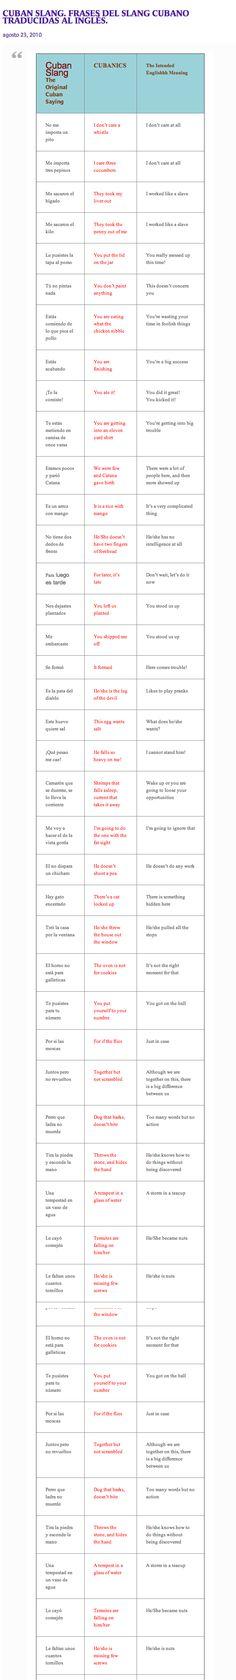 Cuban Slang: Frases del slang cubano traducidas al inglés del blog de Zoé Valdés #Cuba #Spanish #SpanishSlang